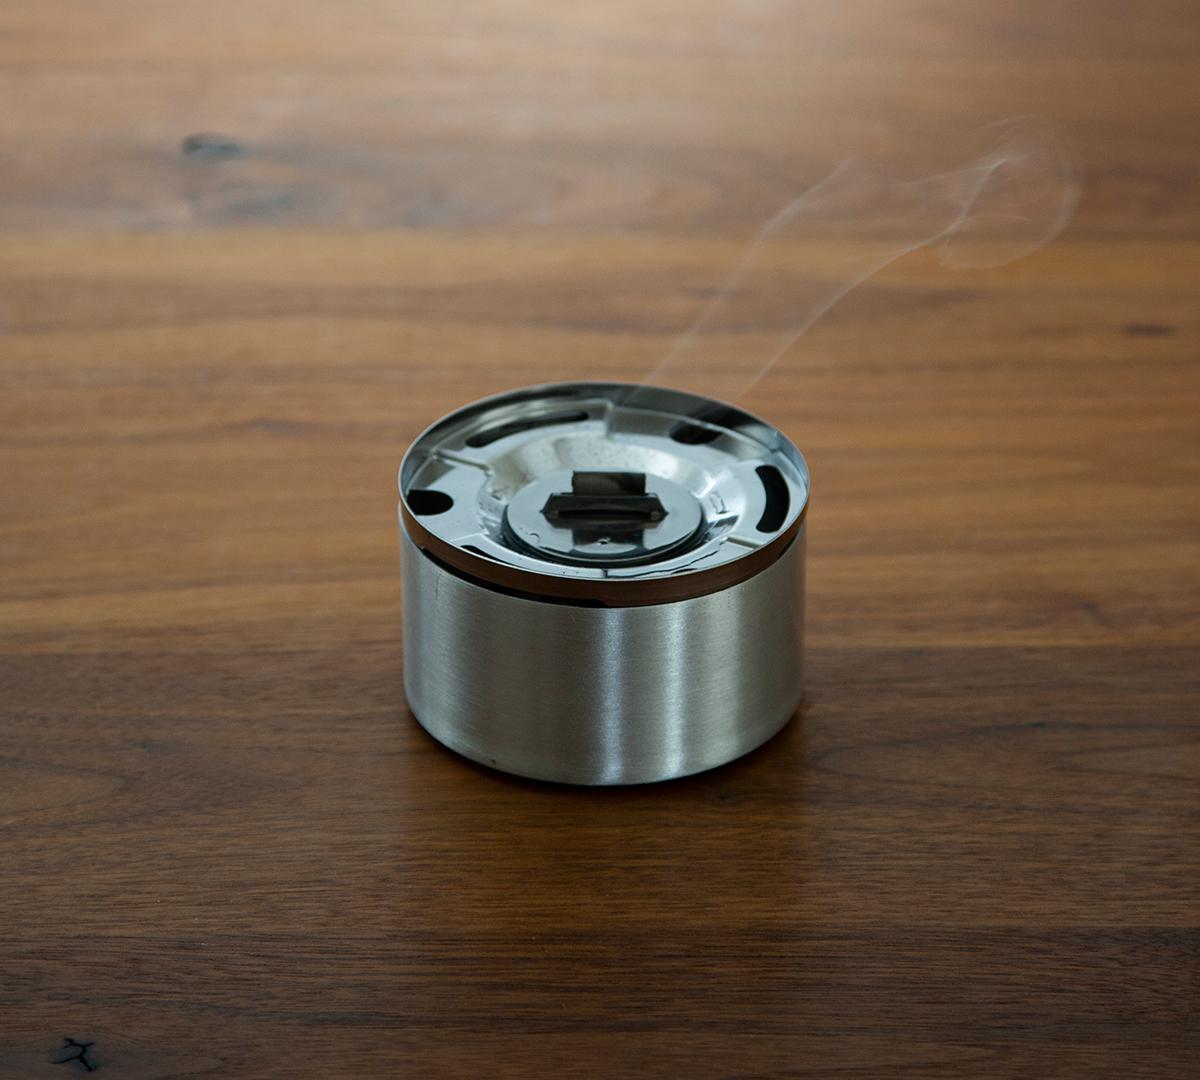 火を消すのも簡単|おうちのテーブルで焚き火。煙が出ない、倒しても安心の専用燃料付きの「オイルランプ」|TENDER FLAME(テンダーフレーム)